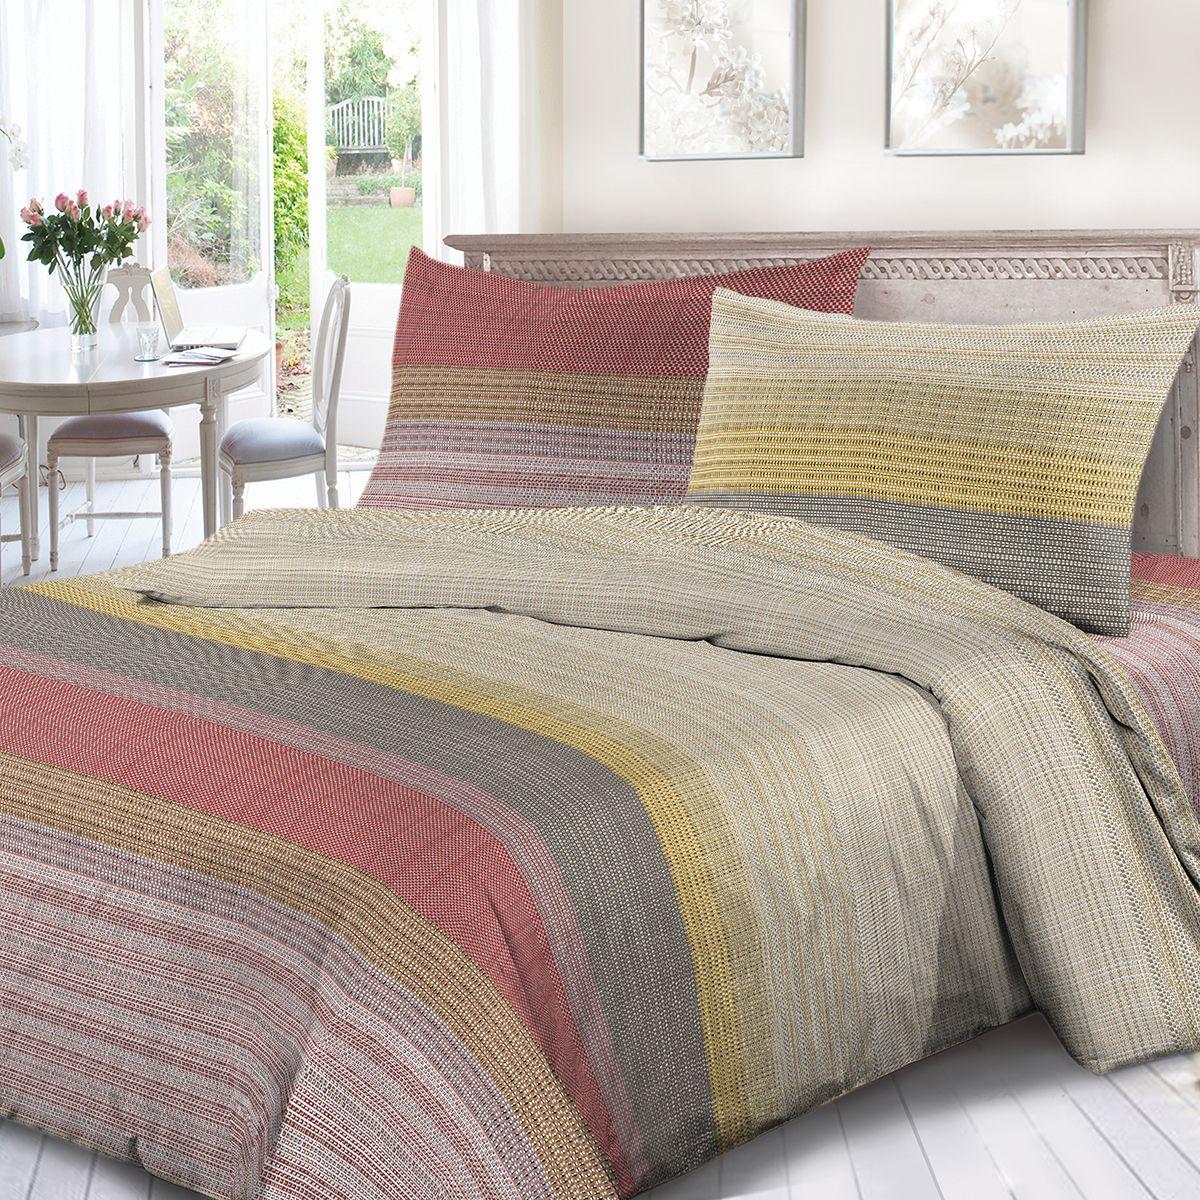 Комплект белья Сорренто Армандо, семейный, наволочки 70x70, цвет: разноцветный. 4123-190428